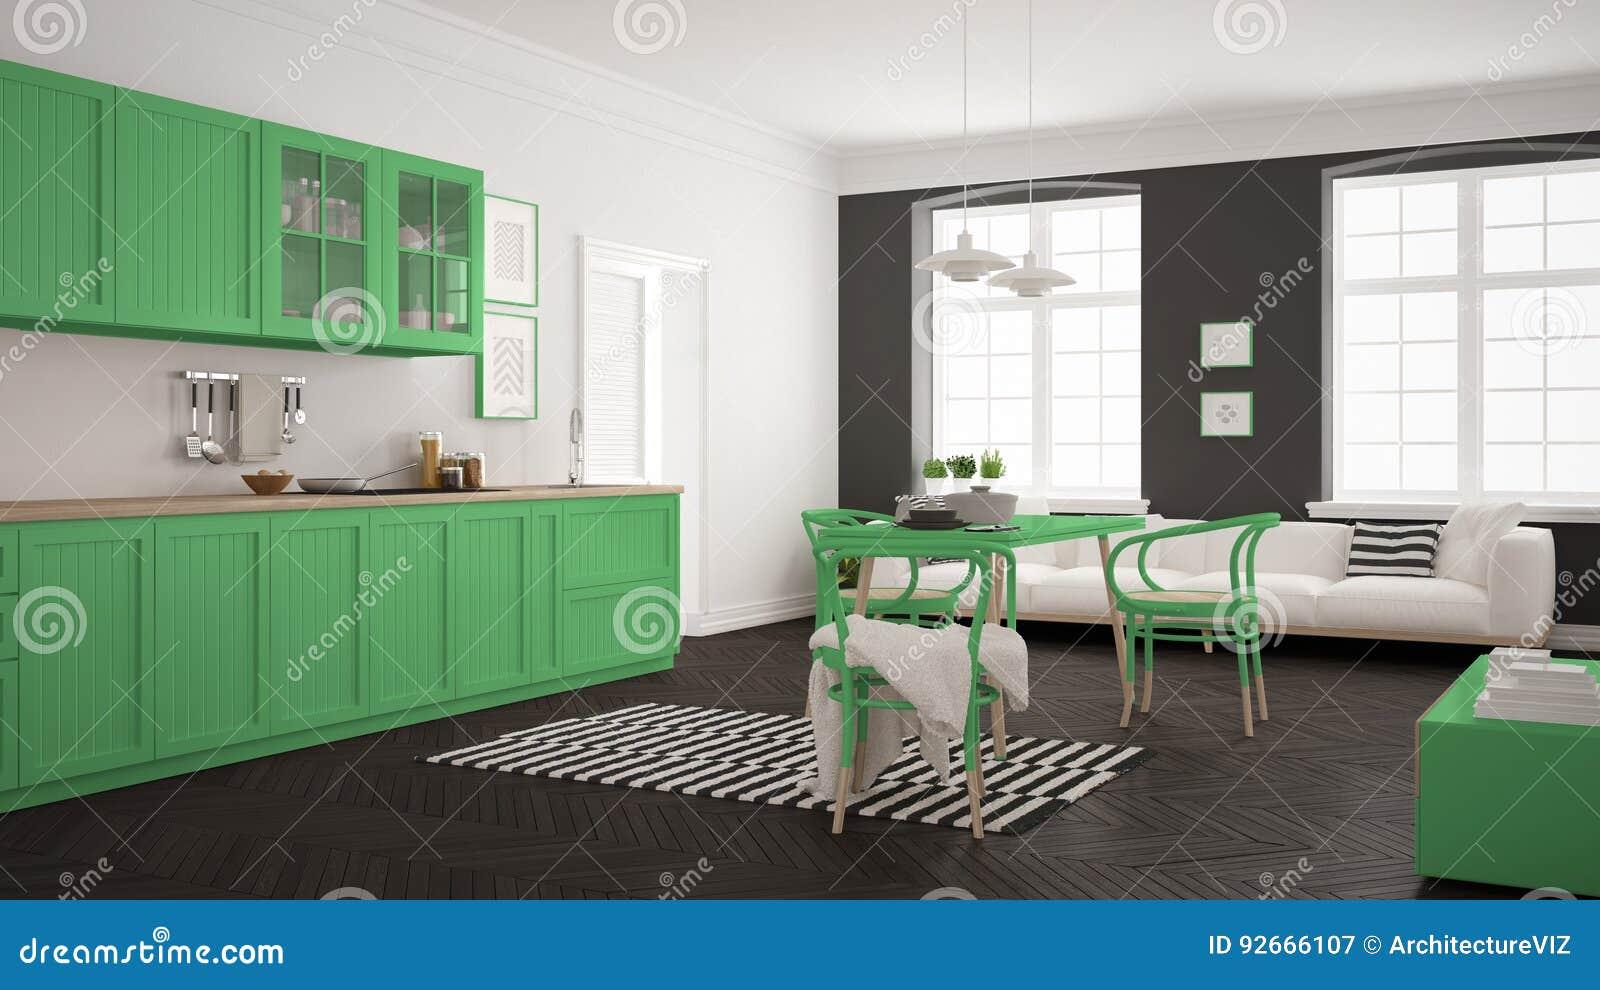 Eettafel In Woonkamer : Minimalistische moderne keuken met eettafel en woonkamer whi